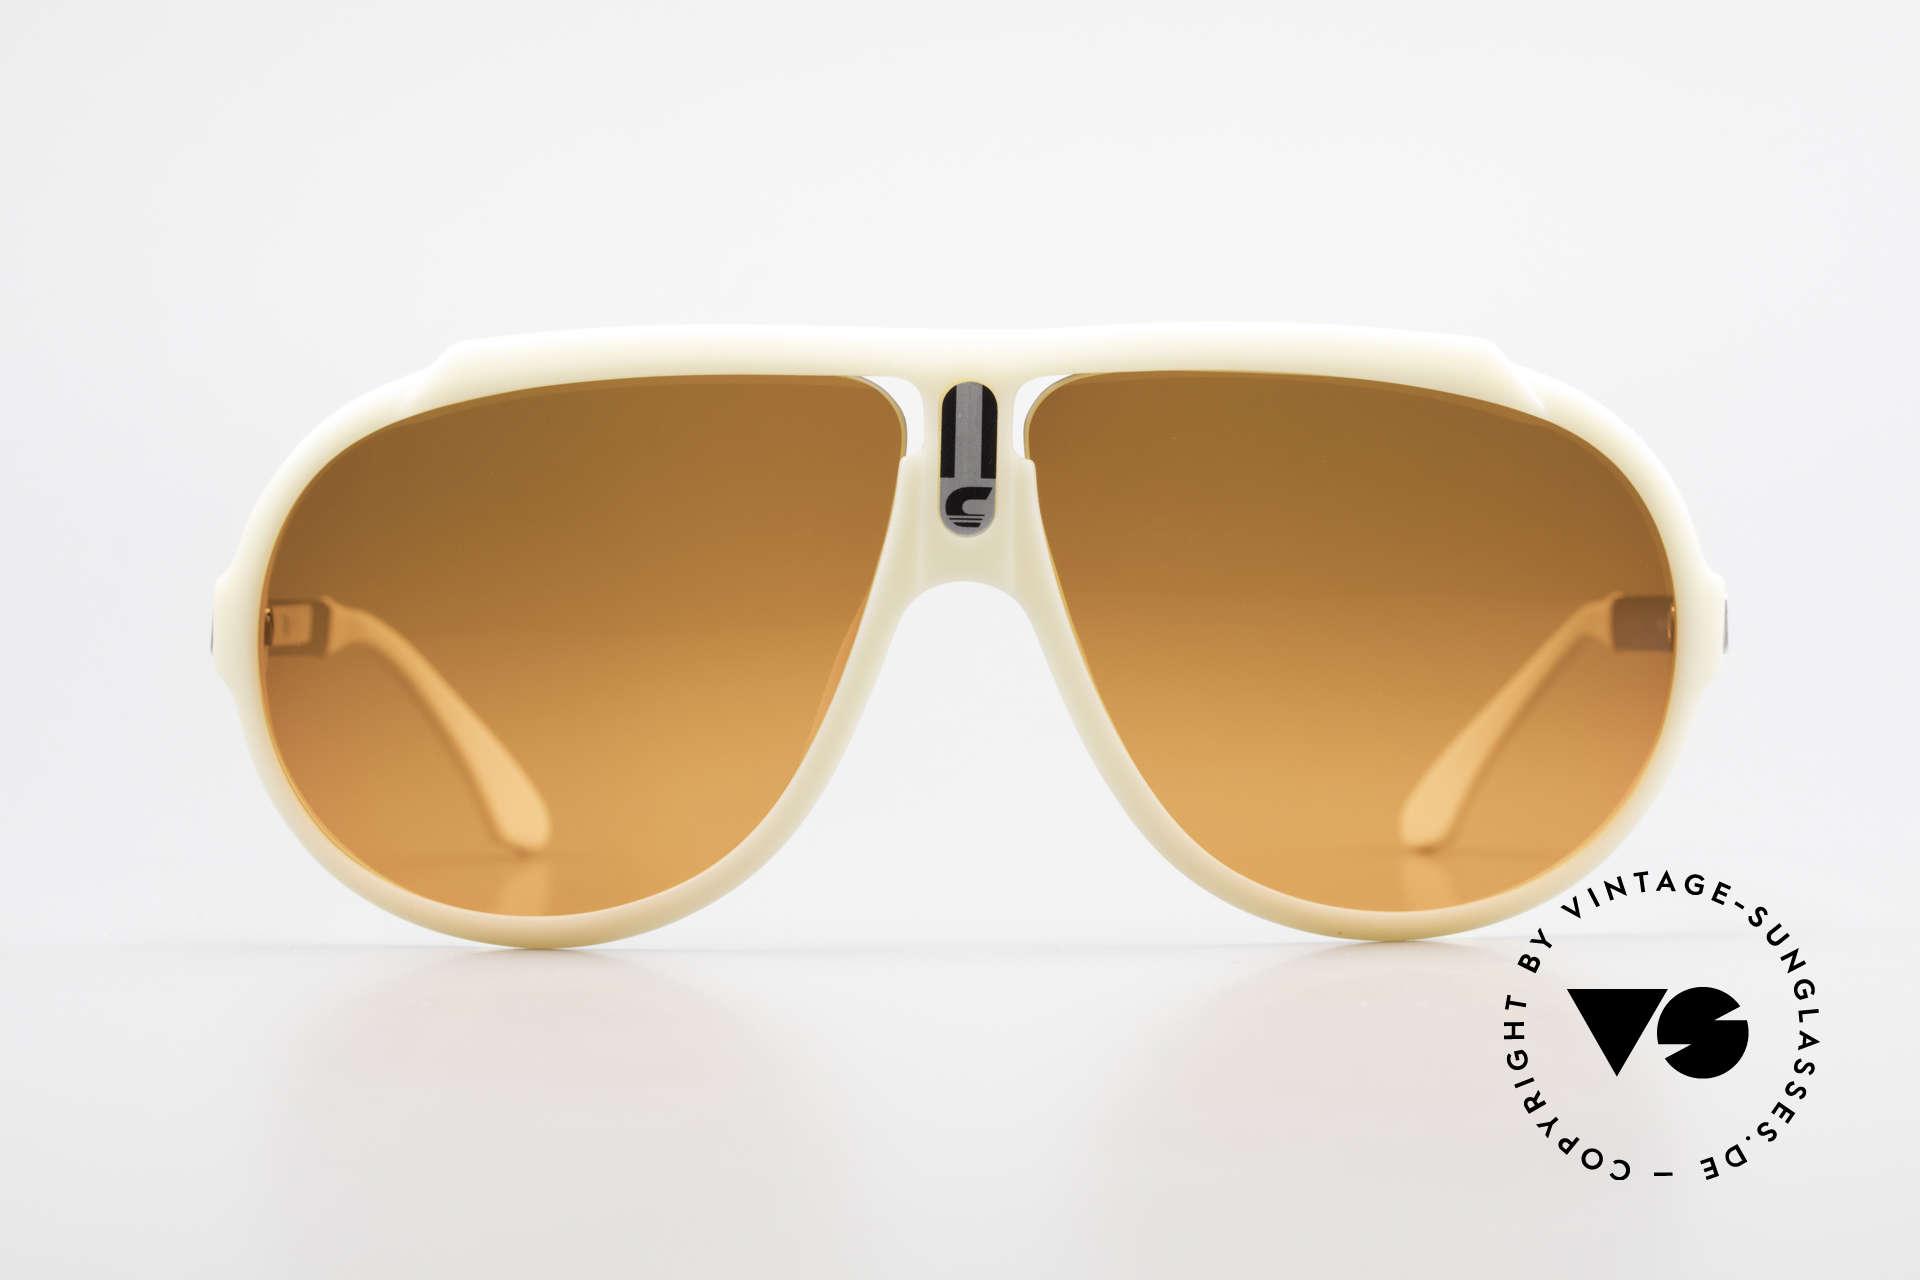 Carrera 5512 Miami Vice Sunset Sonnenbrille, berühmte Filmsonnenbrille von 1984 (echter Klassiker), Passend für Herren